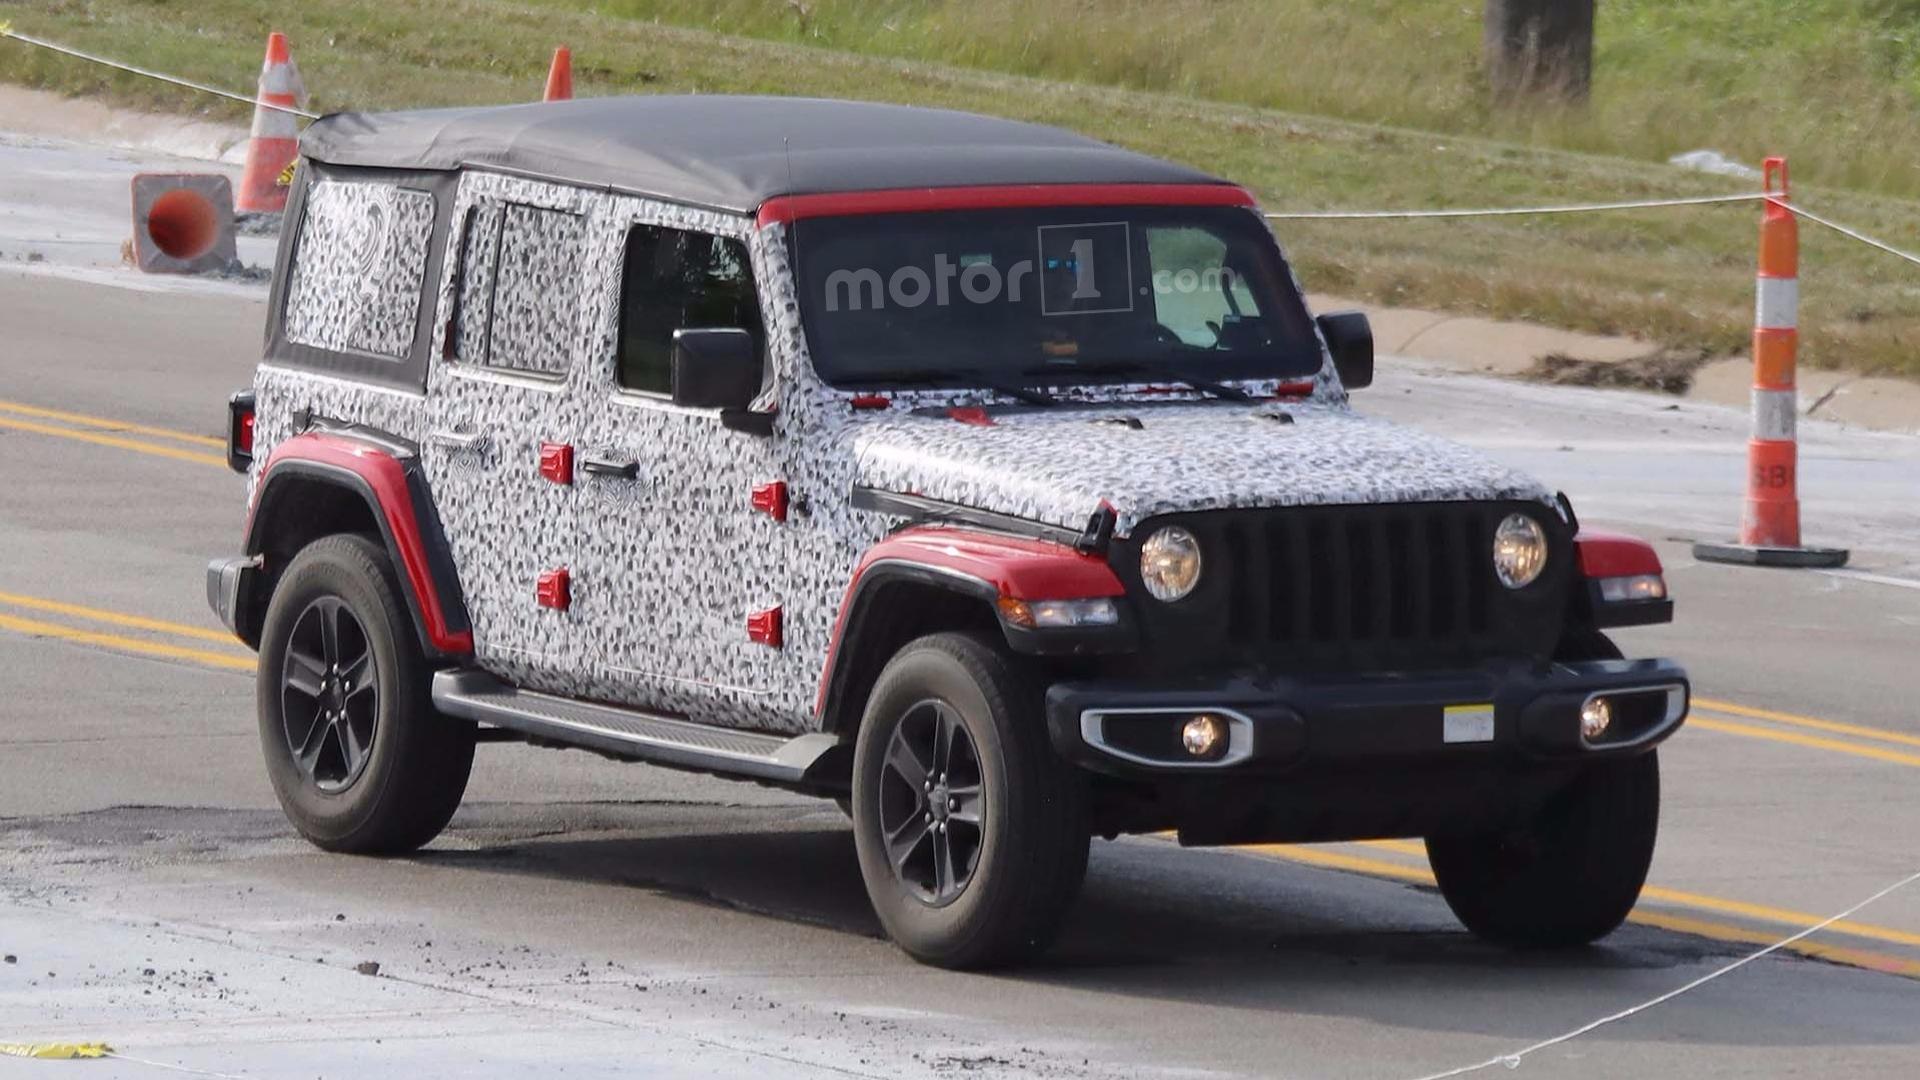 jeep wrangler fleet spied on the move including soft top models. Black Bedroom Furniture Sets. Home Design Ideas